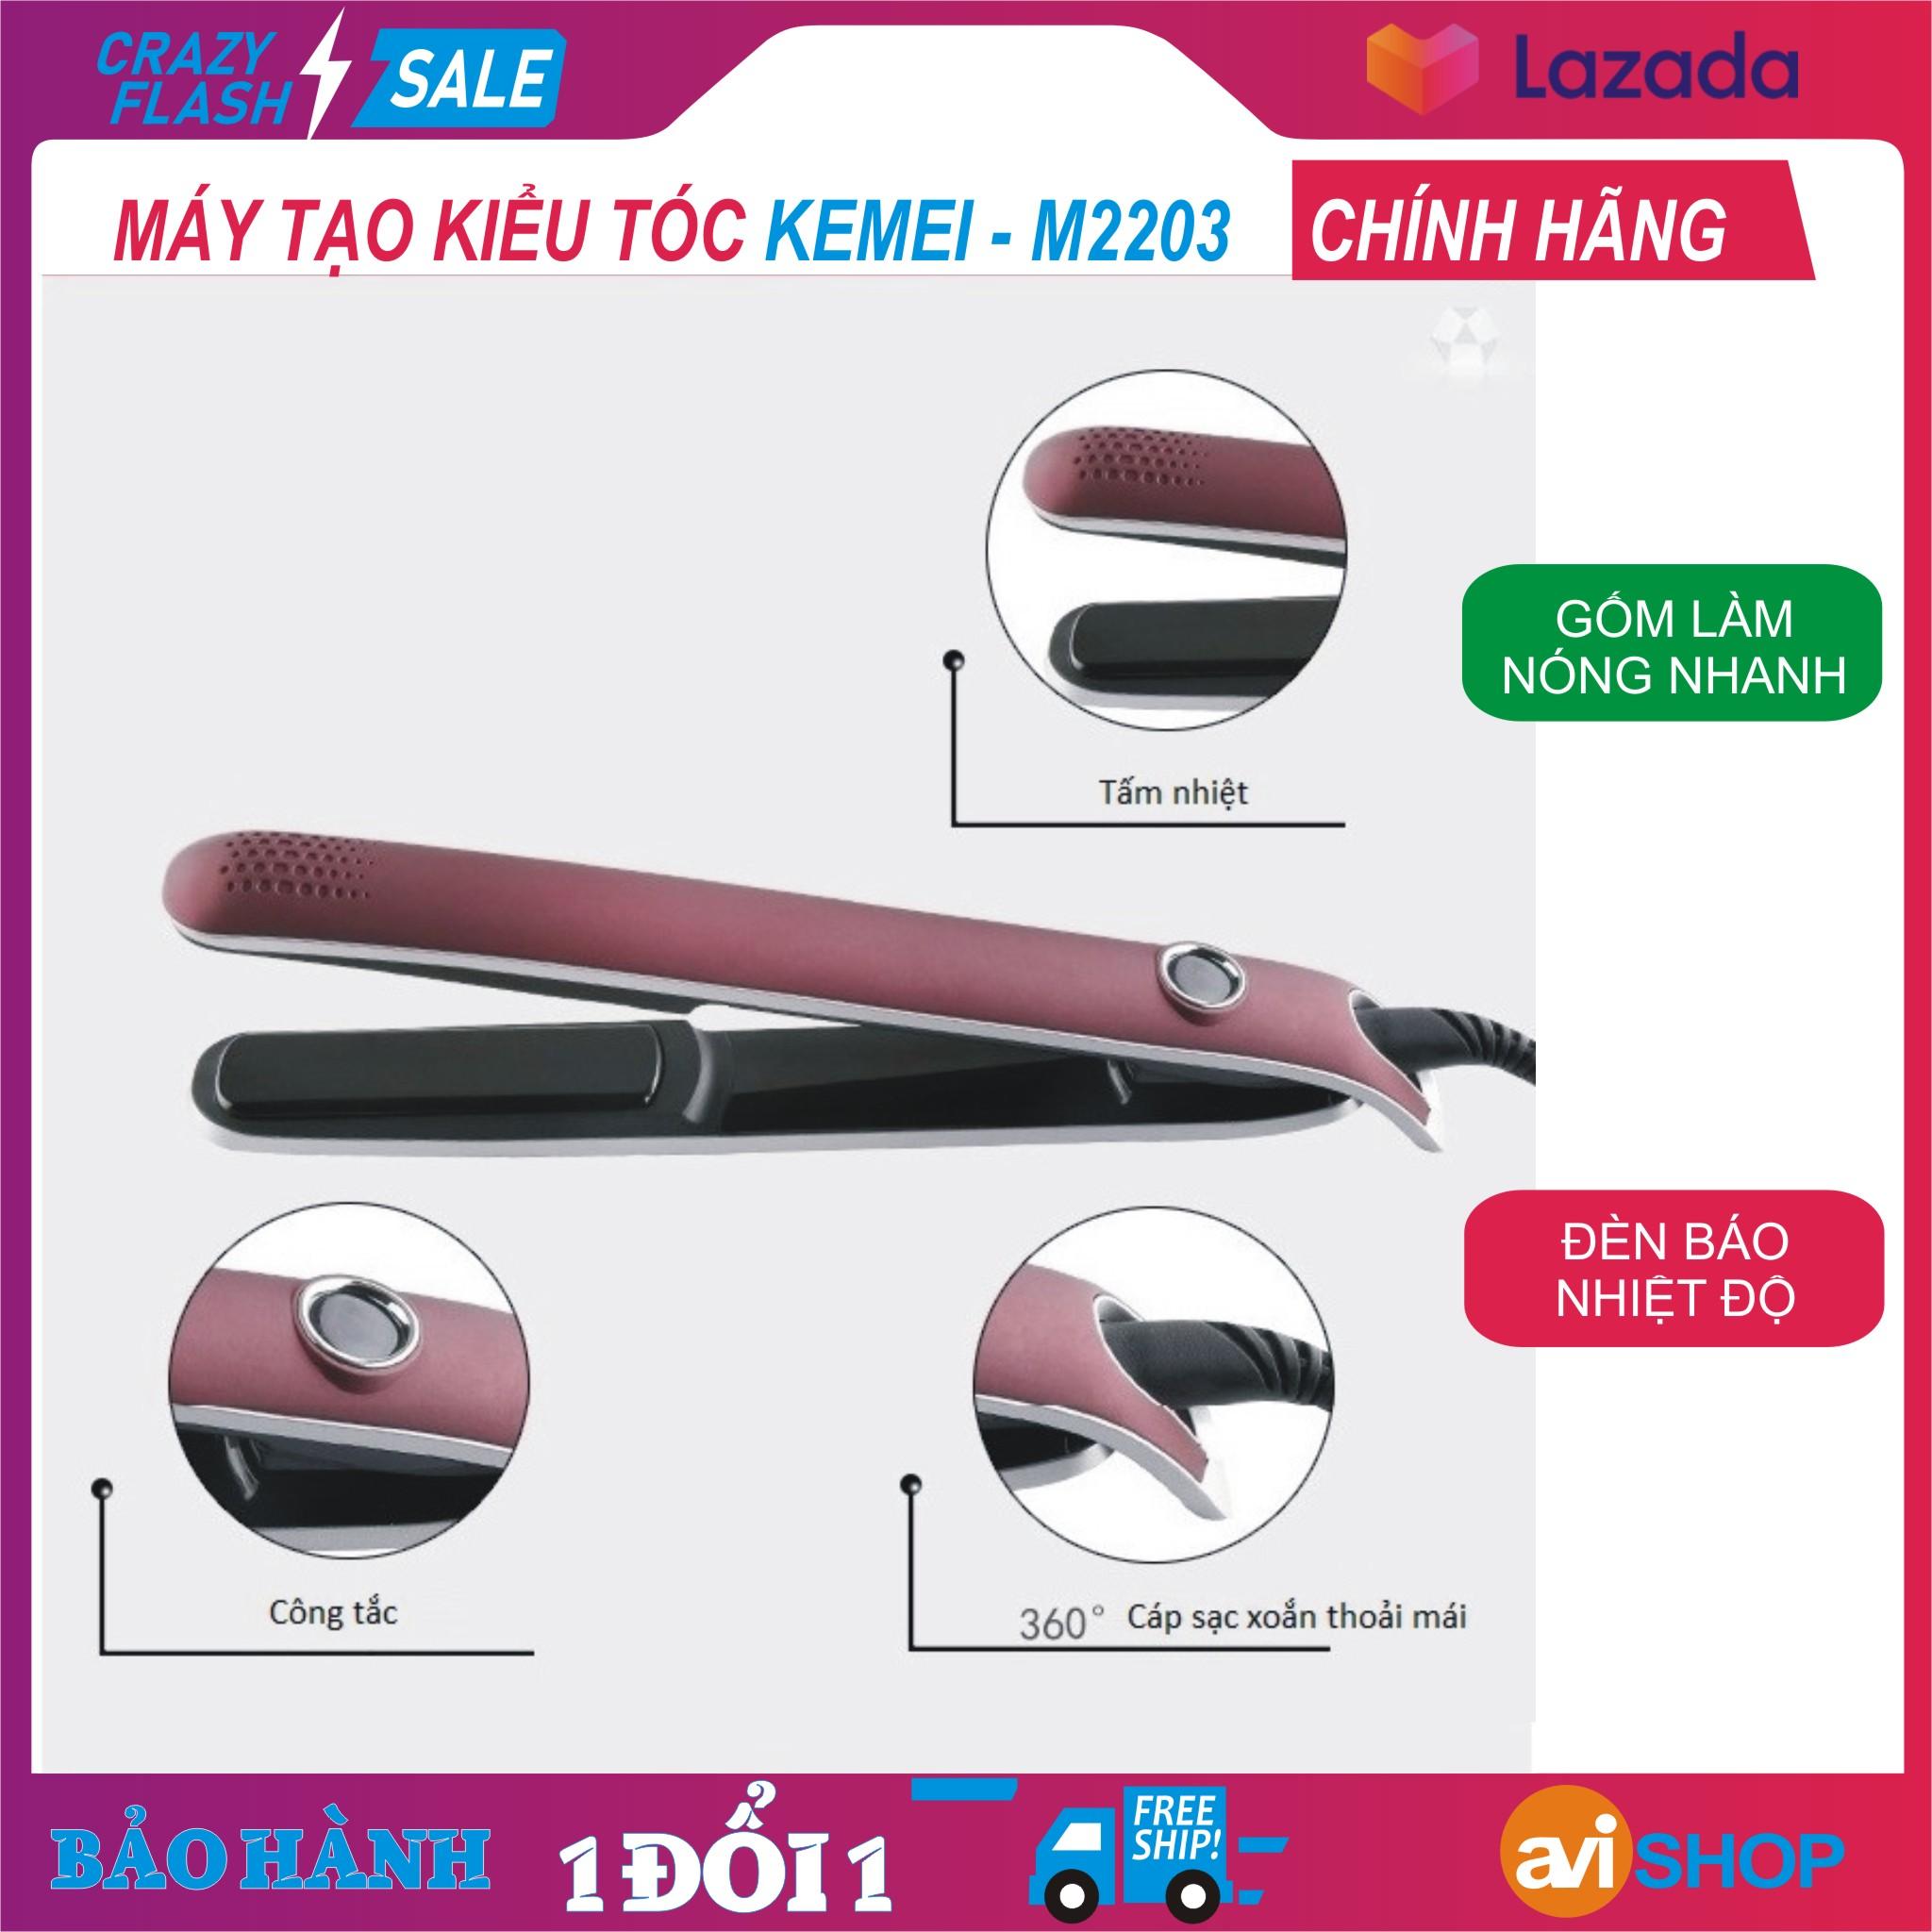 Máy chăm sóc tóc, tạo kiểu, duỗi tóc có điều chỉnh nhiệt Kemei KM-2203, làm nóng nhanh, chất gốm giảm thương tổn tóc, có thể dùng để uốn lọn, uốn cụp, là thẳng tóc, Giá Shock - aviSHOP cao cấp